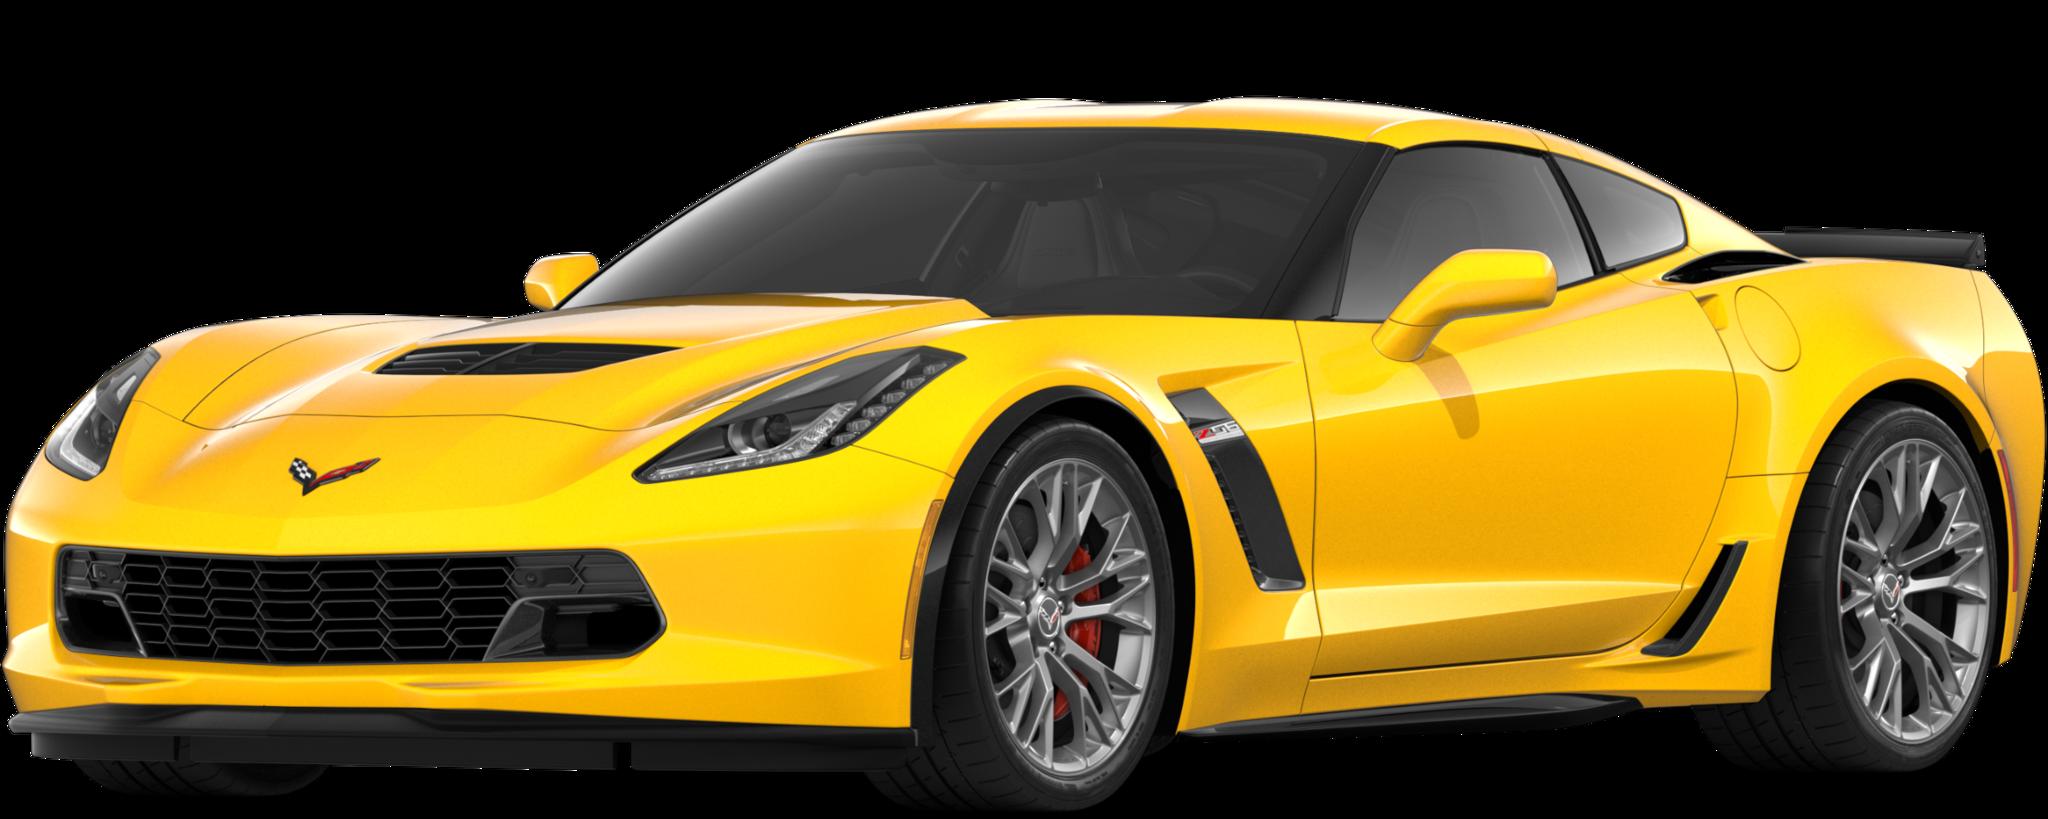 Auto deportivo Corvette Z06 2019: Lateral